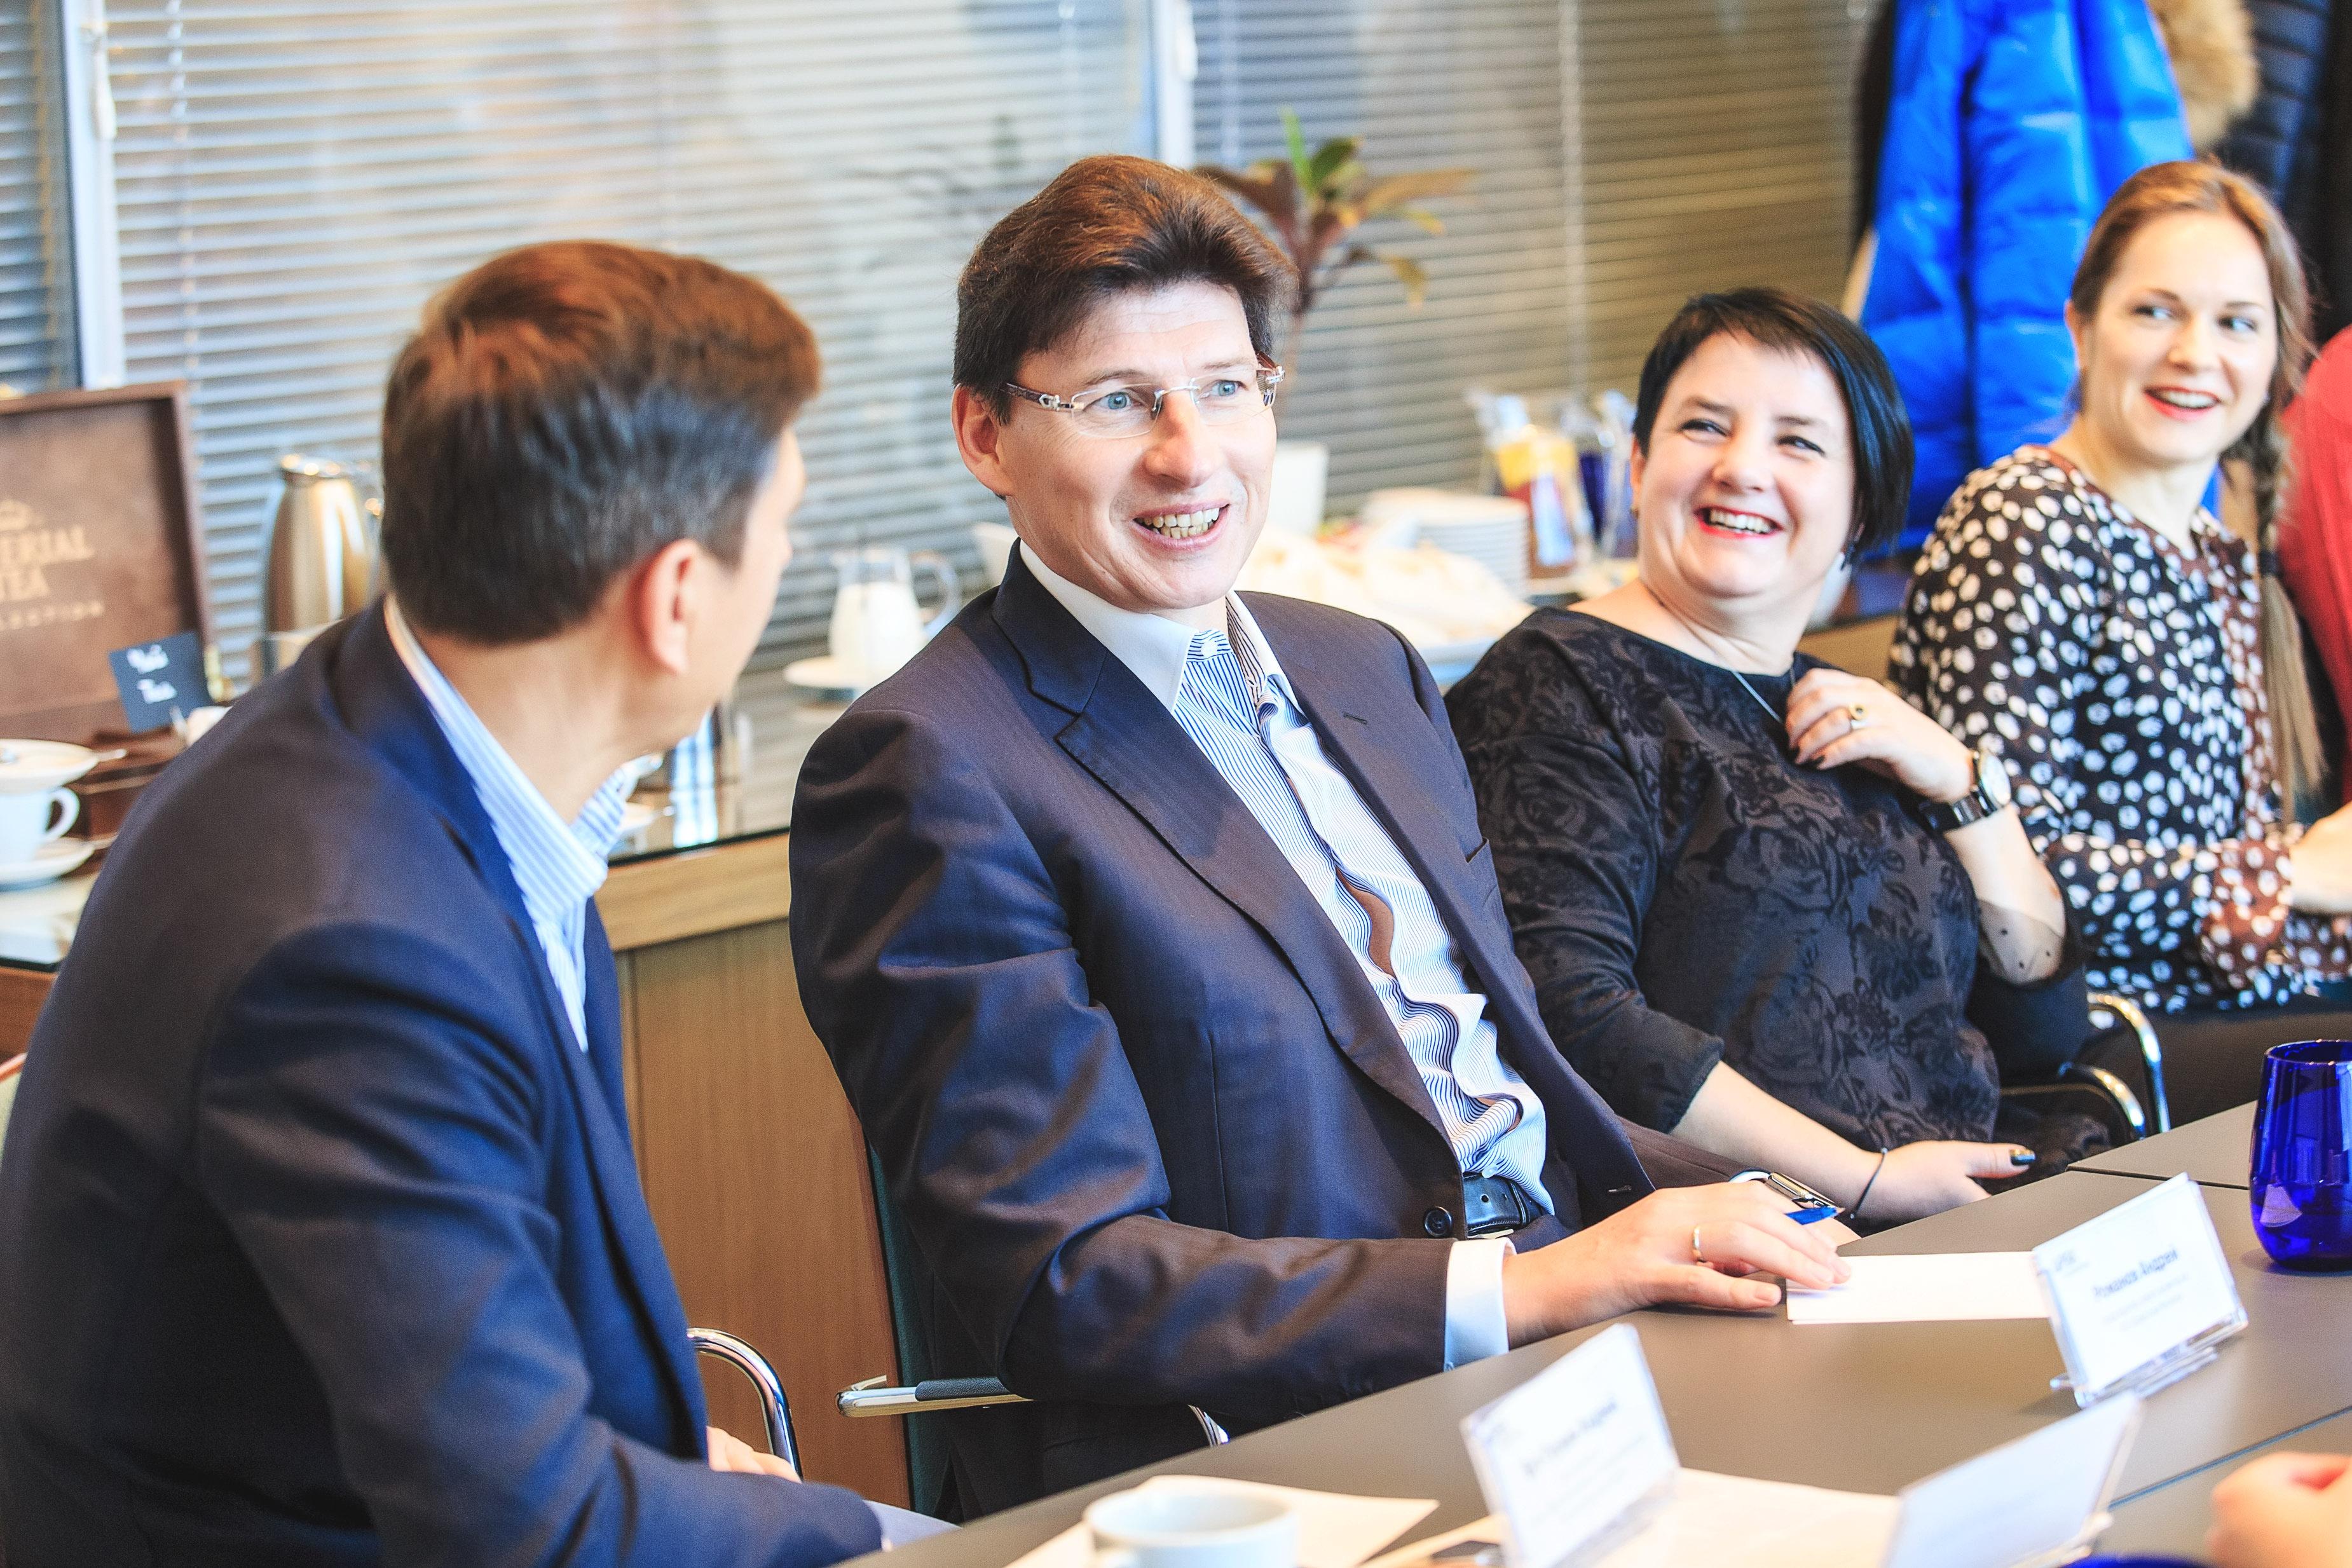 Бизнес идеи для калининграда открыть свой бизнес фриланс